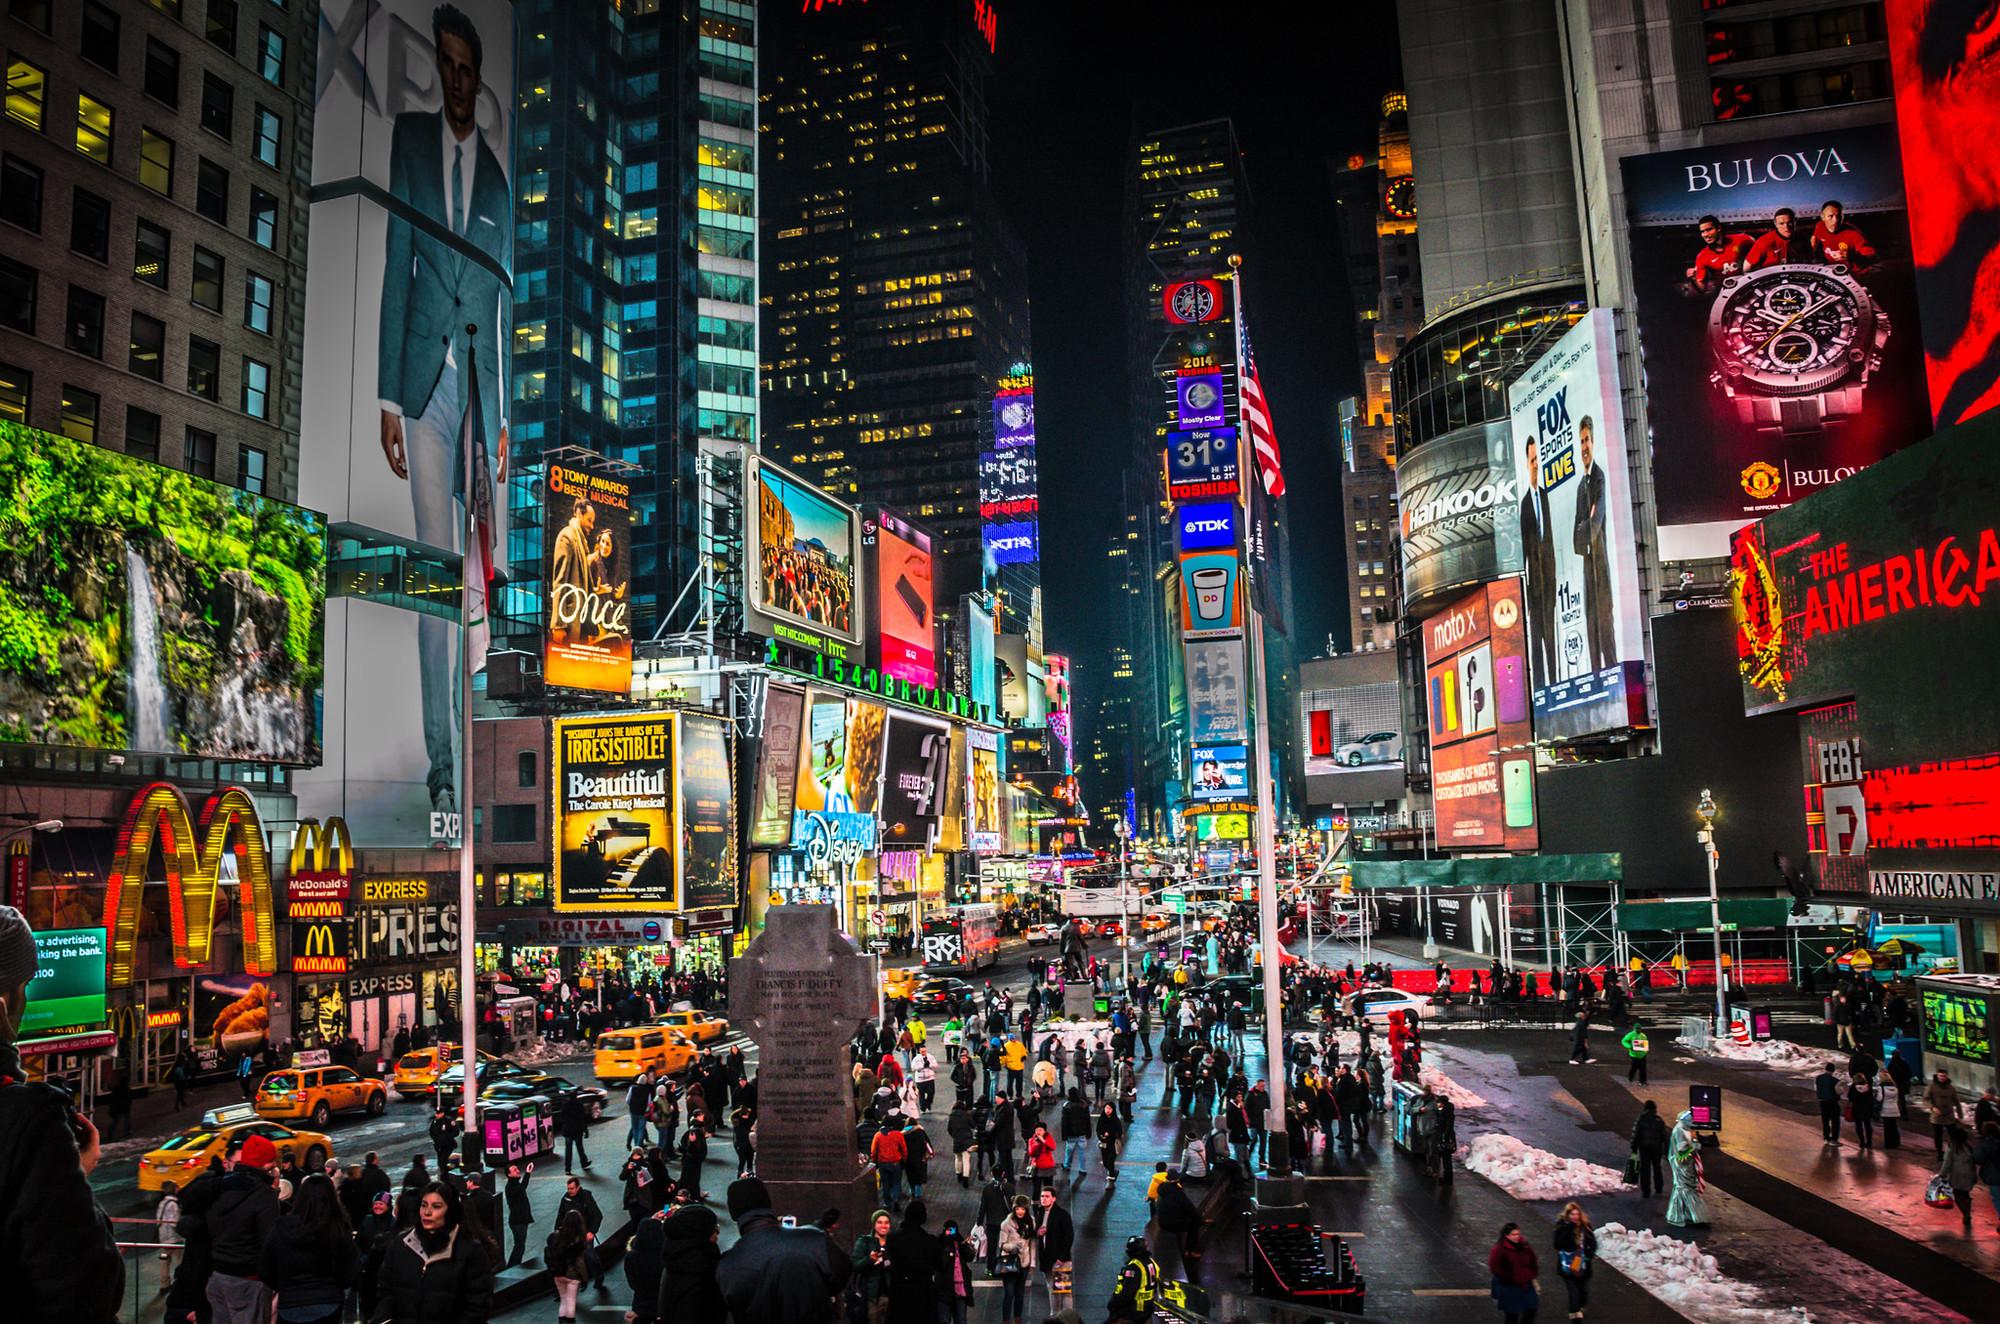 """Para além de """"coisas que piscam"""": O próximo passo na arquitetura midiática, Conciliar os dois evoca associações desajeitadas com a Times Square, telas, LEDs integrados, paparazzi, ou, mais geralmente, com coisas que piscam. . Imagem © Flickr CC User MK Feeney"""